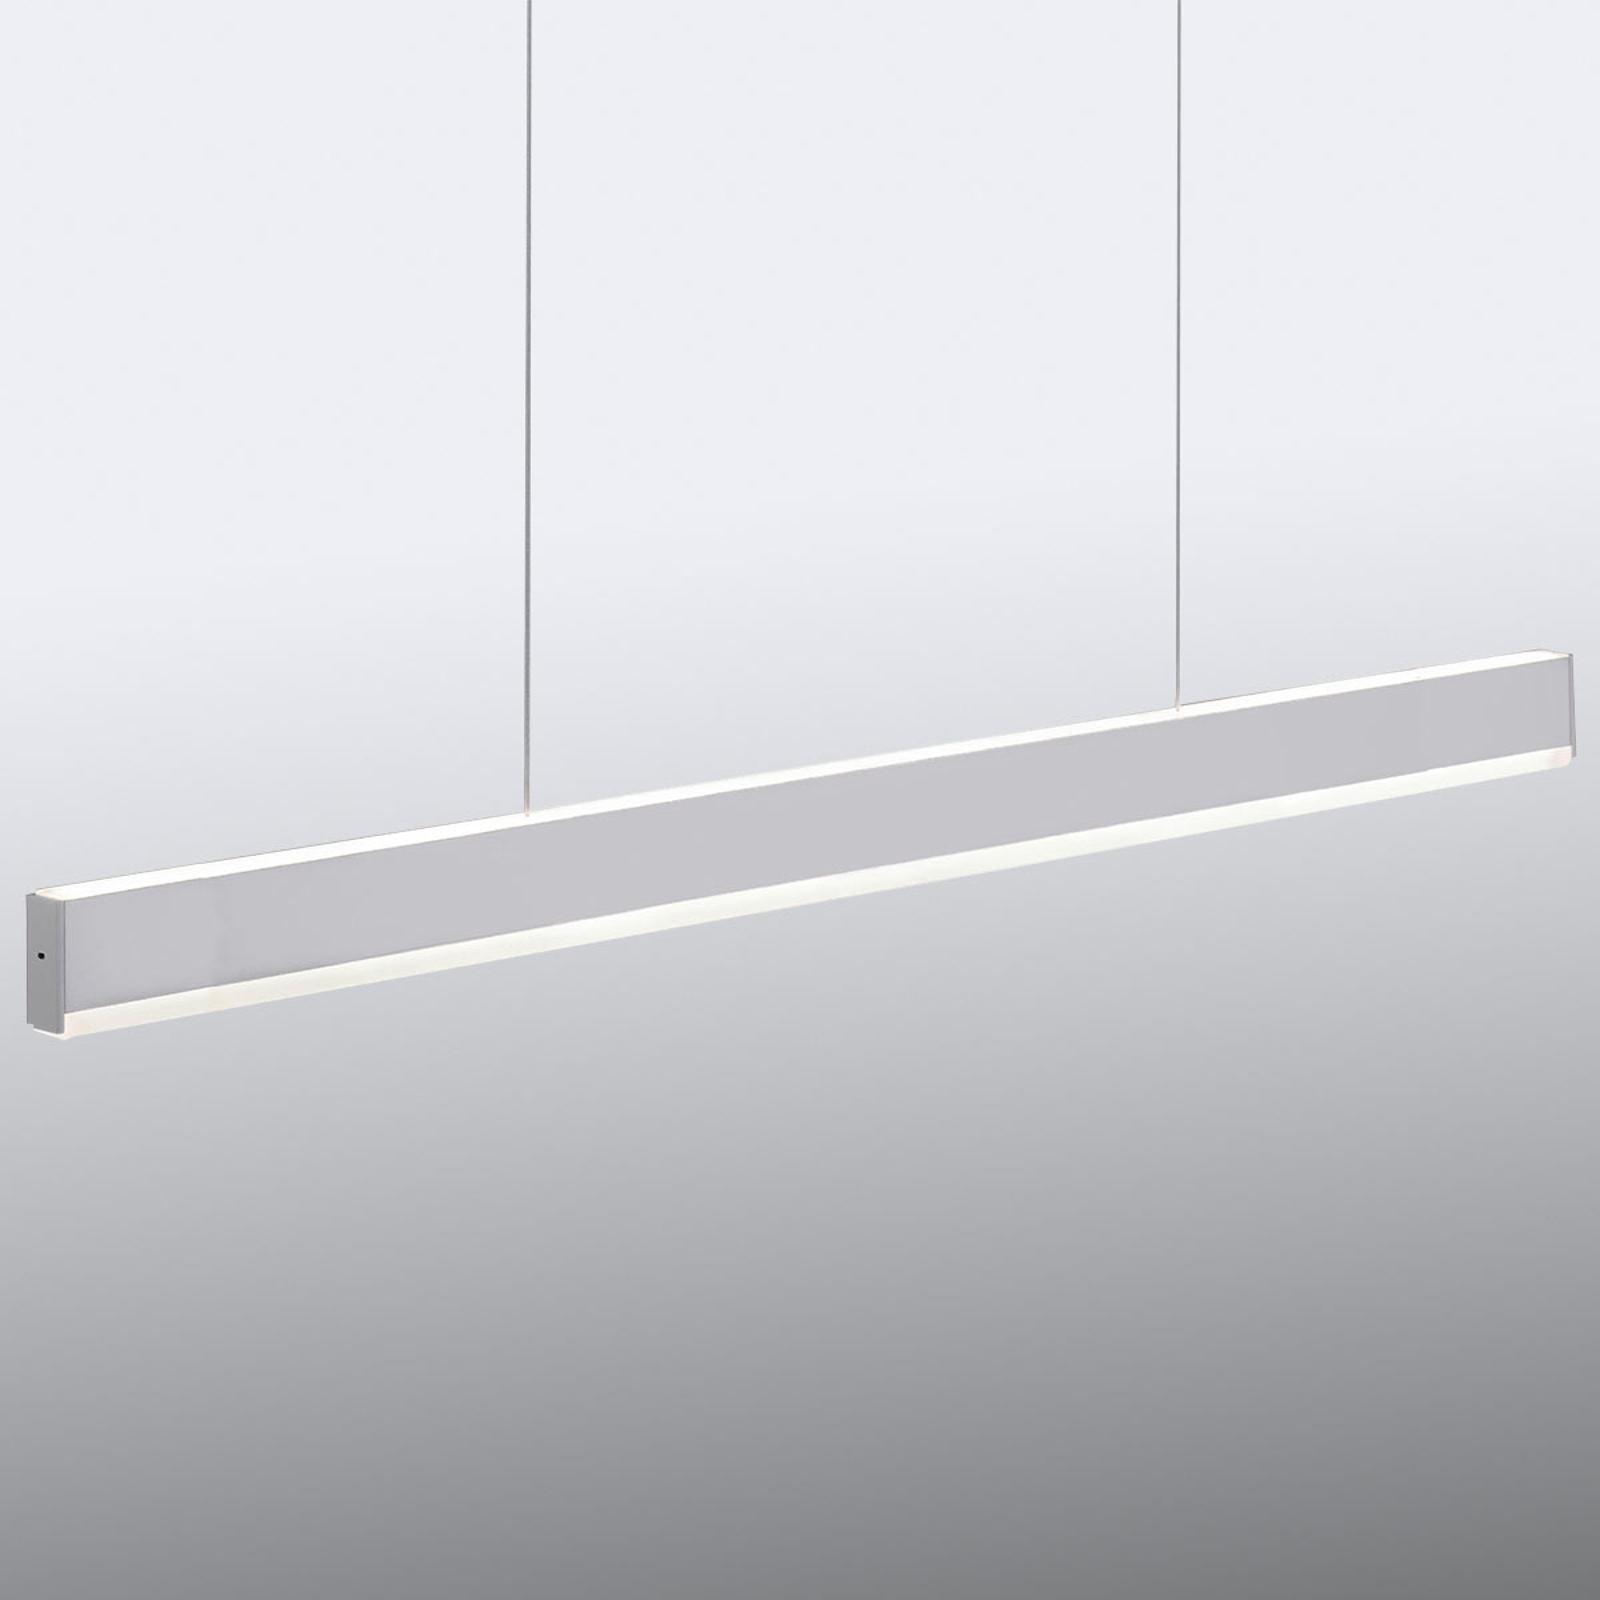 Himmennettävä LED-riippuvalaisin Arina - 140 cm